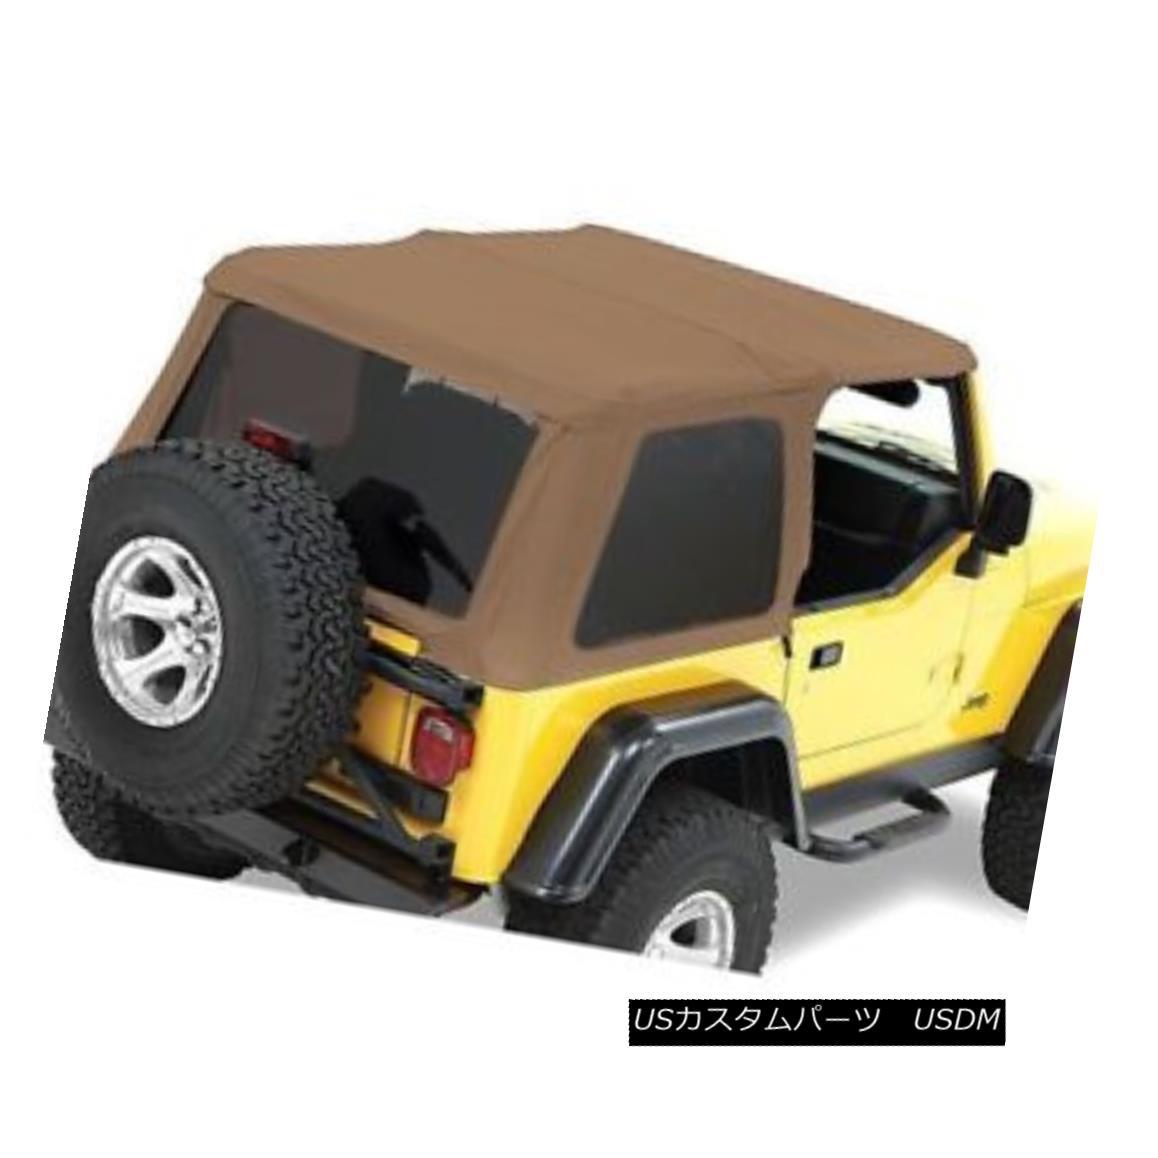 幌・ソフトトップ Bestop 52820-37 Soft Top For 97-2006 Jeep Wrangler (TJ) Bestop 52820-37 Soft Top for 97-2006ジープラングラー(TJ)